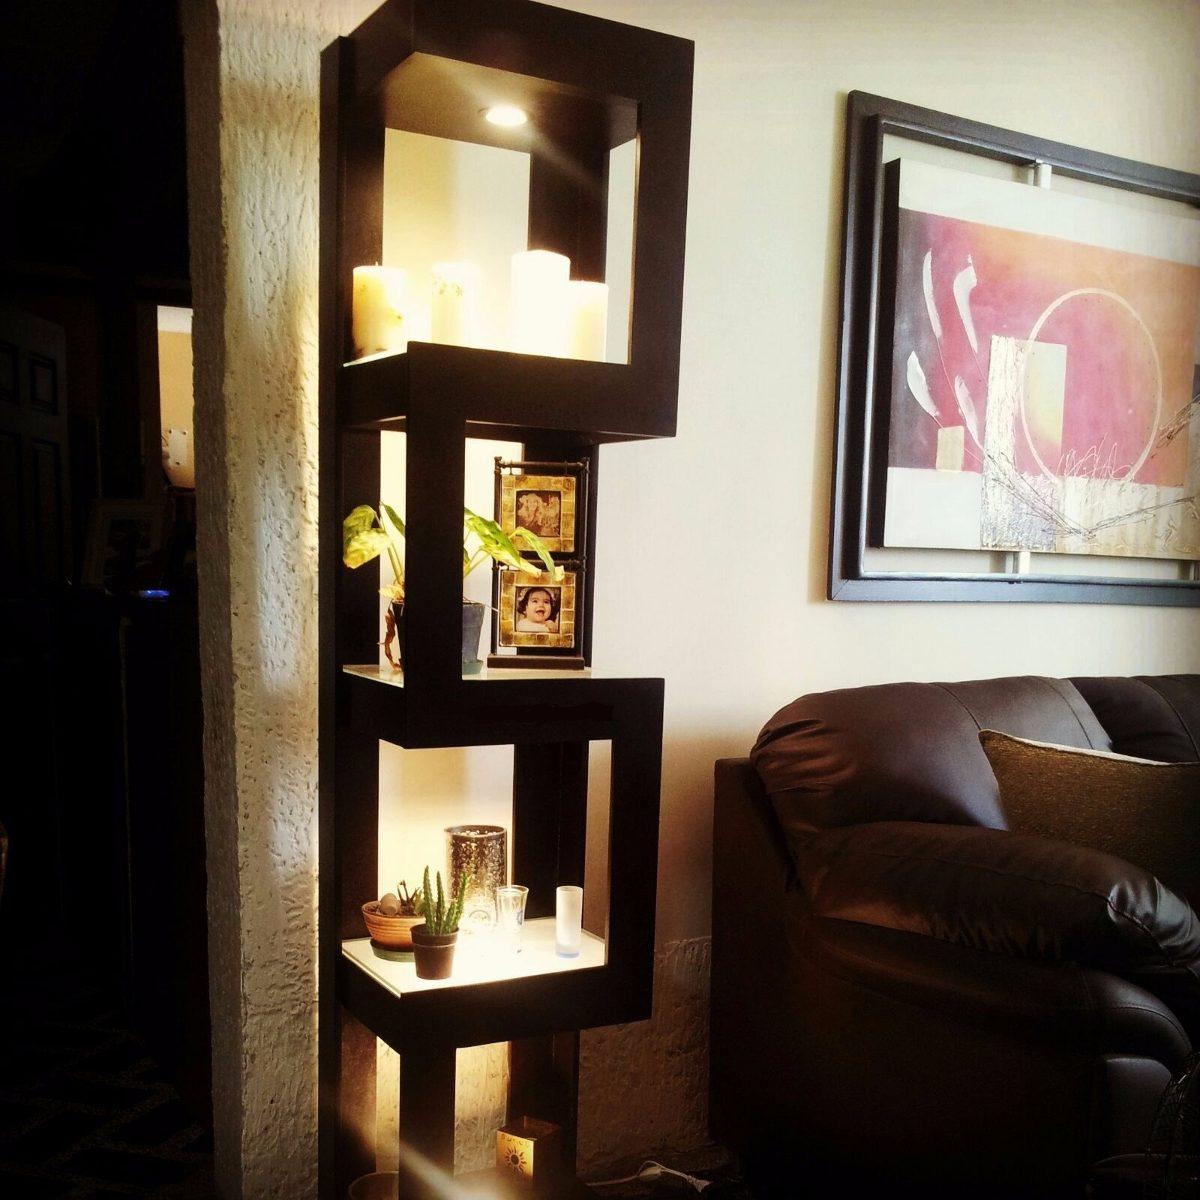 Bello mueble esquinero de madera bs en for Mueble zapatero esquinero